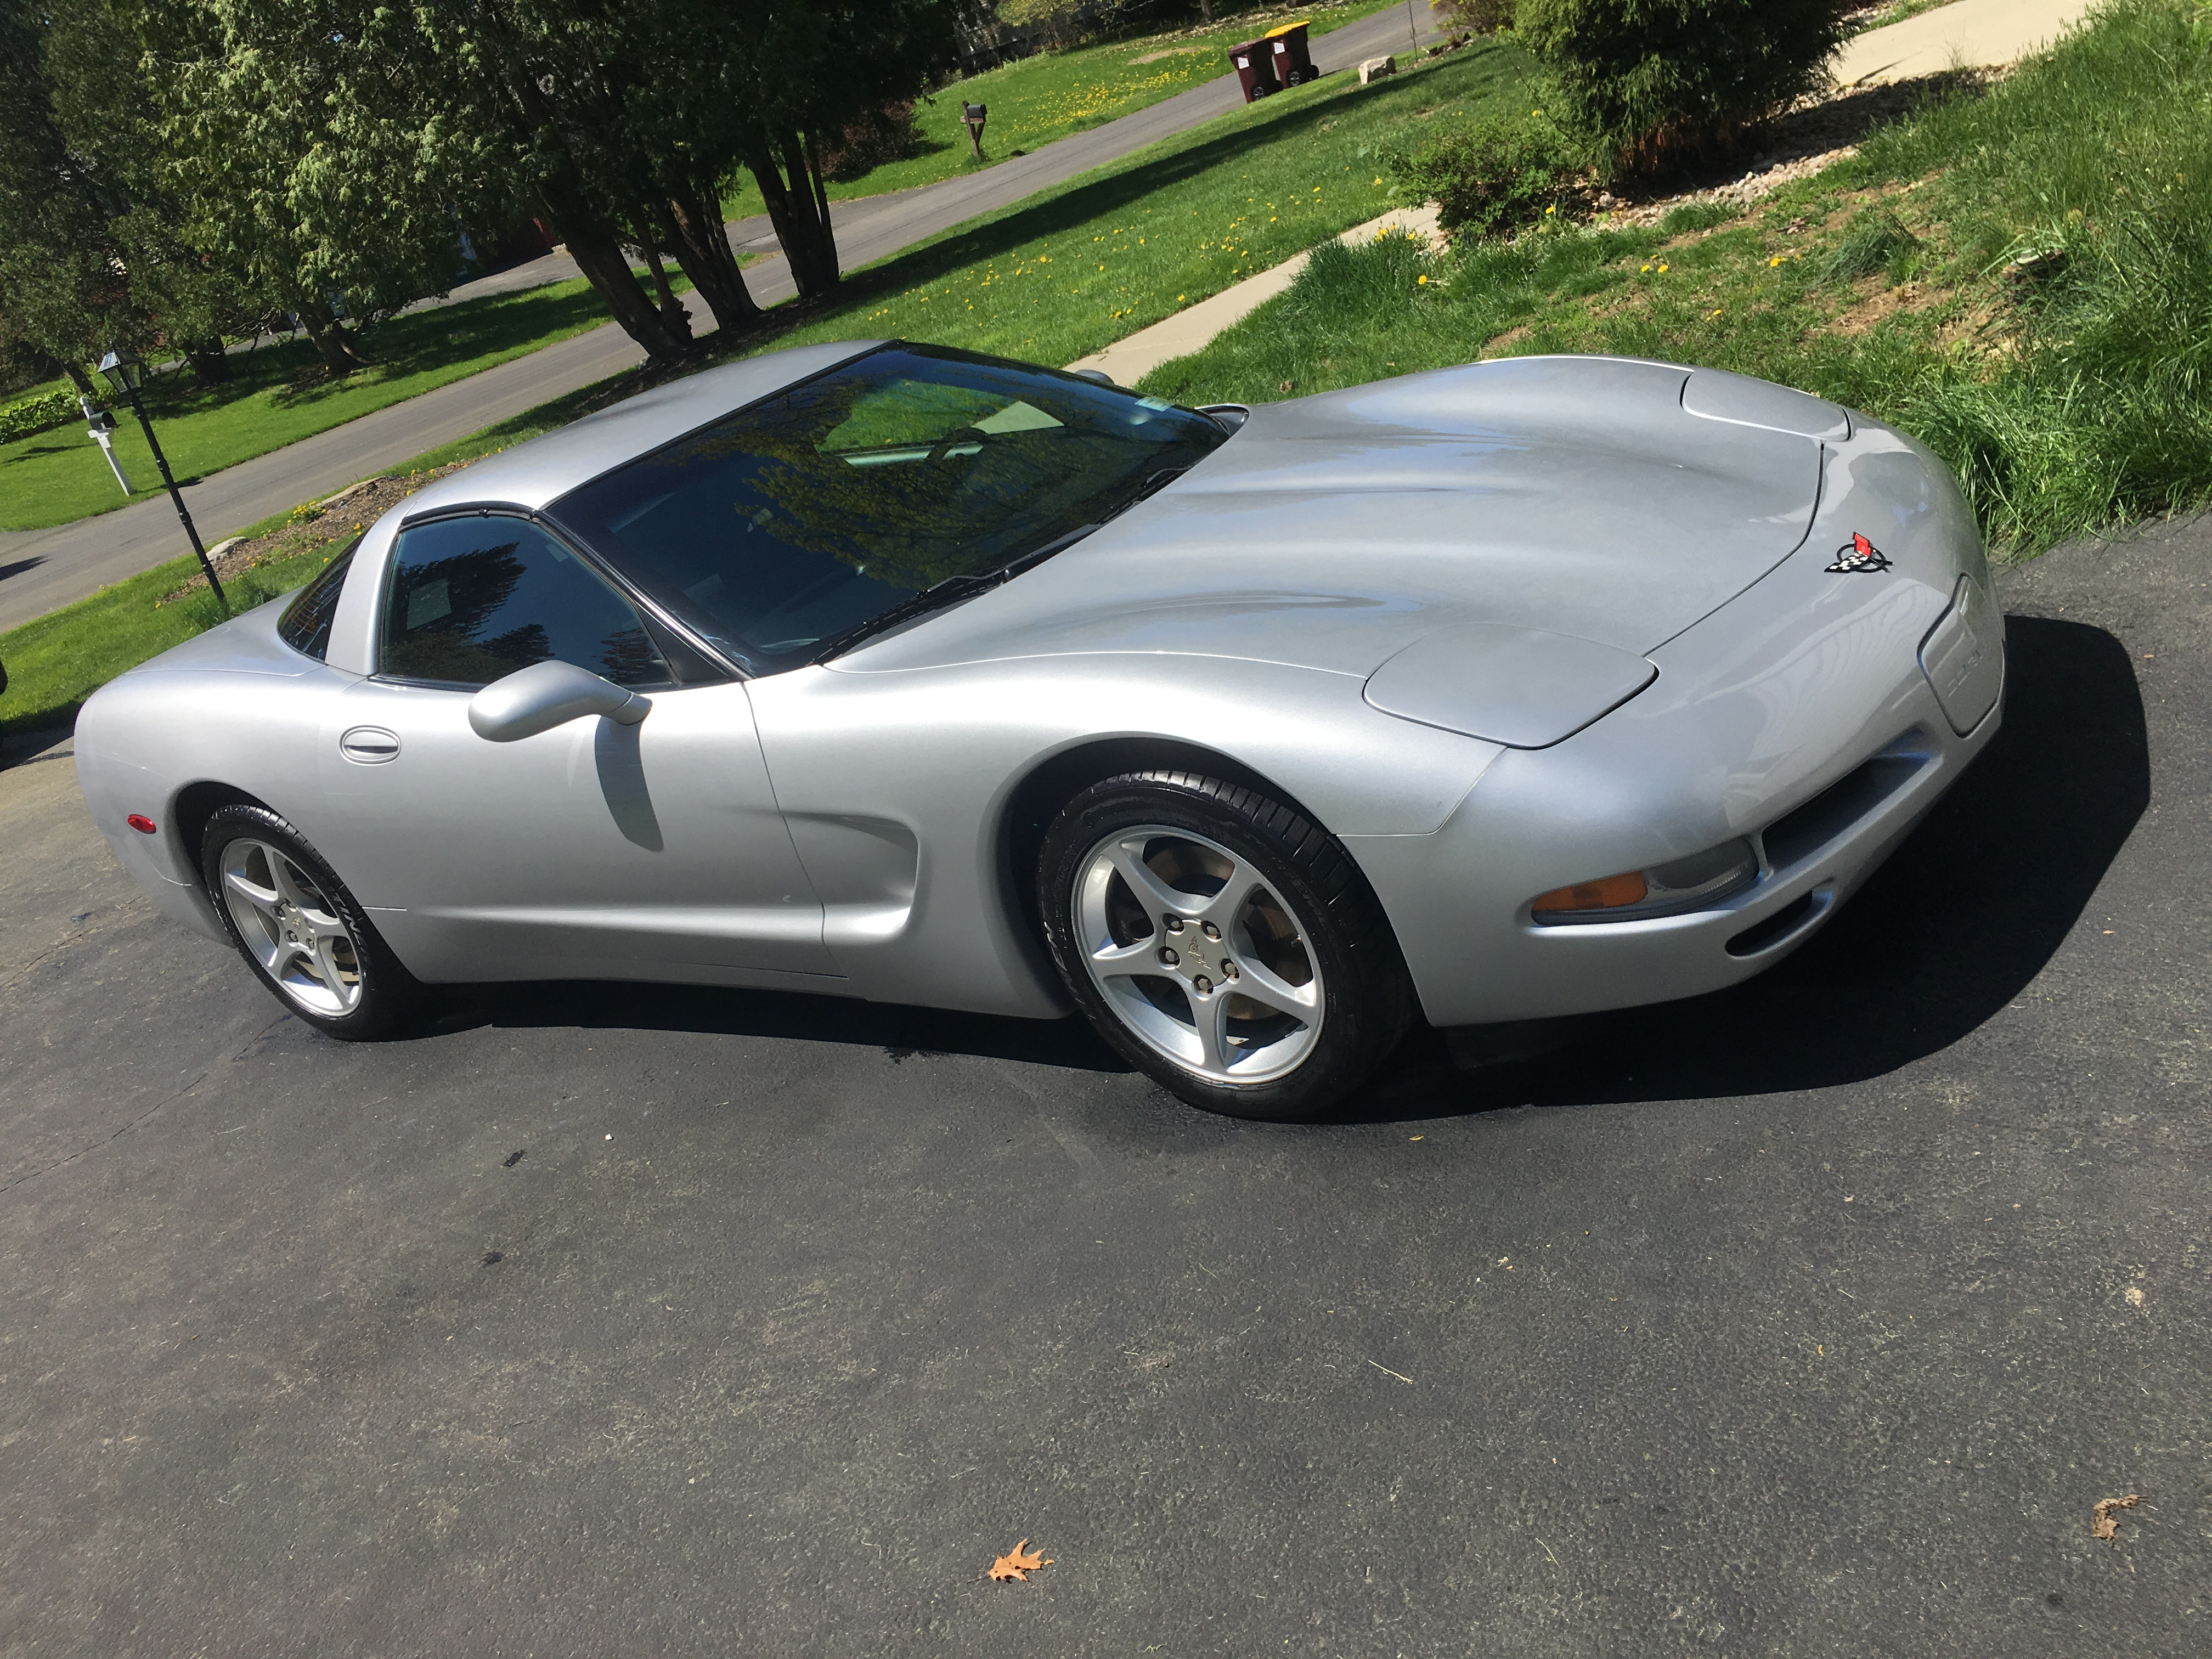 '01 Chevy Corvette